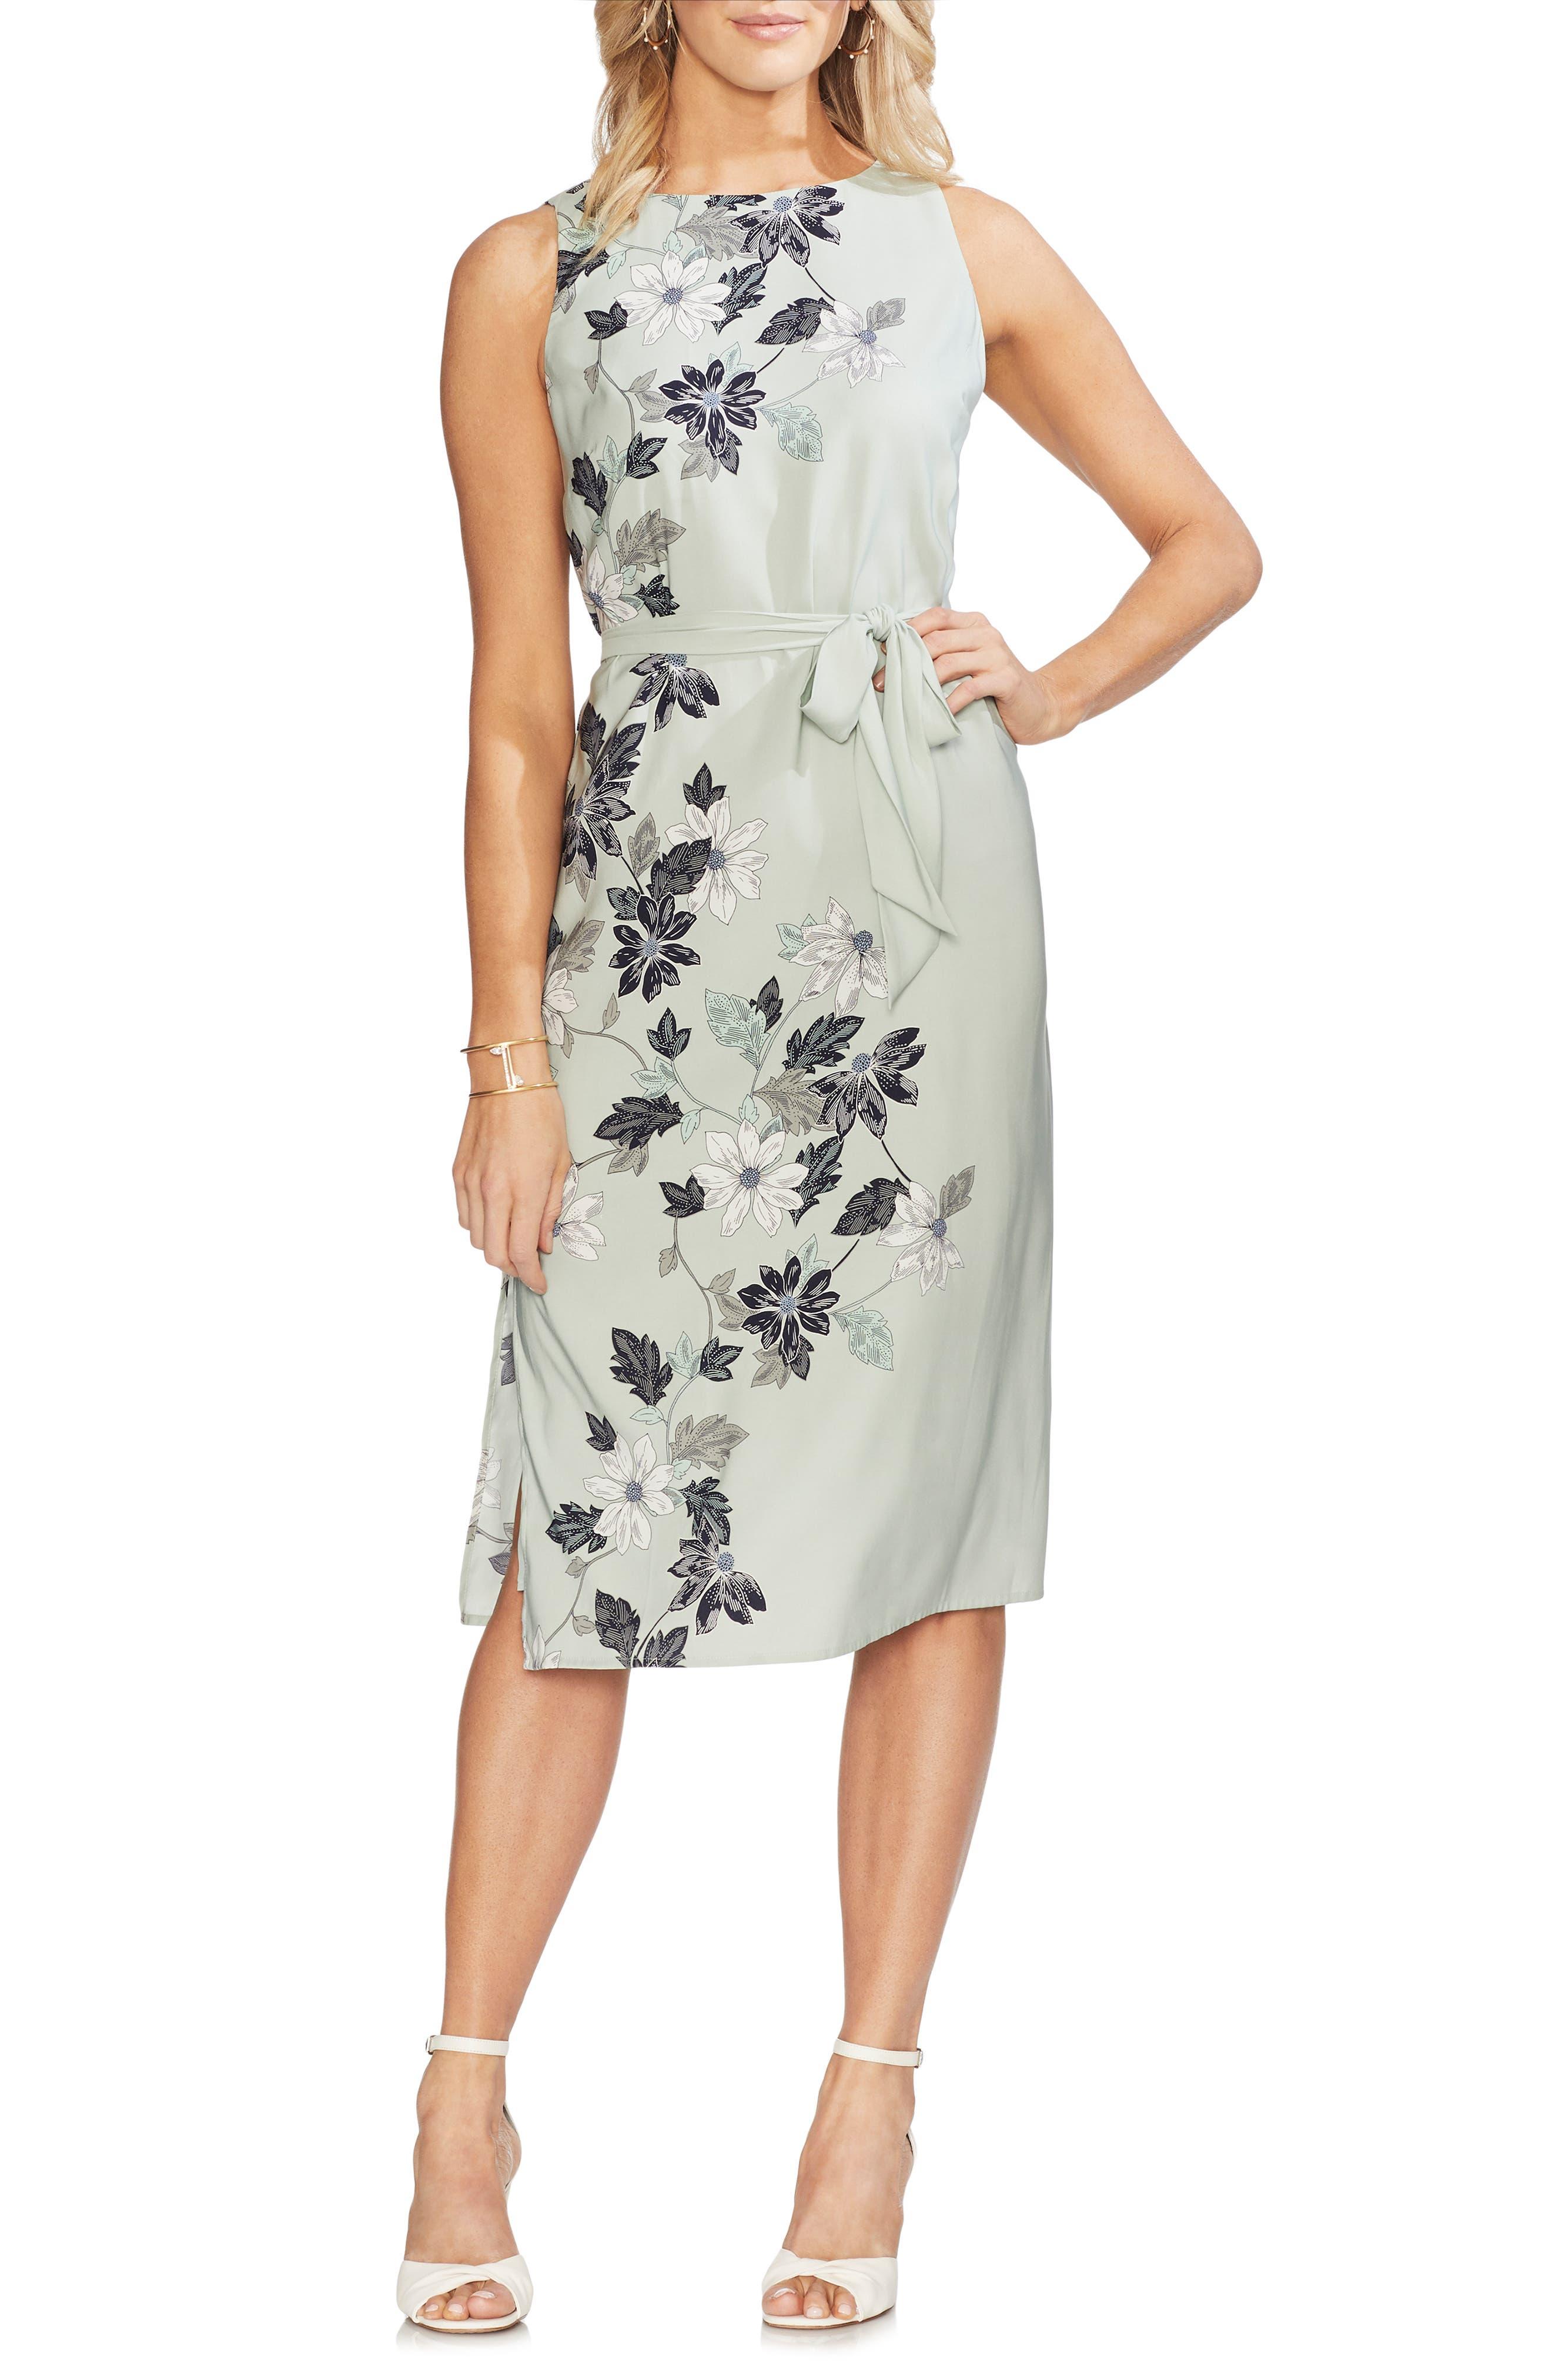 VINCE CAMUTO Floral Vines Dress, Main, color, 309